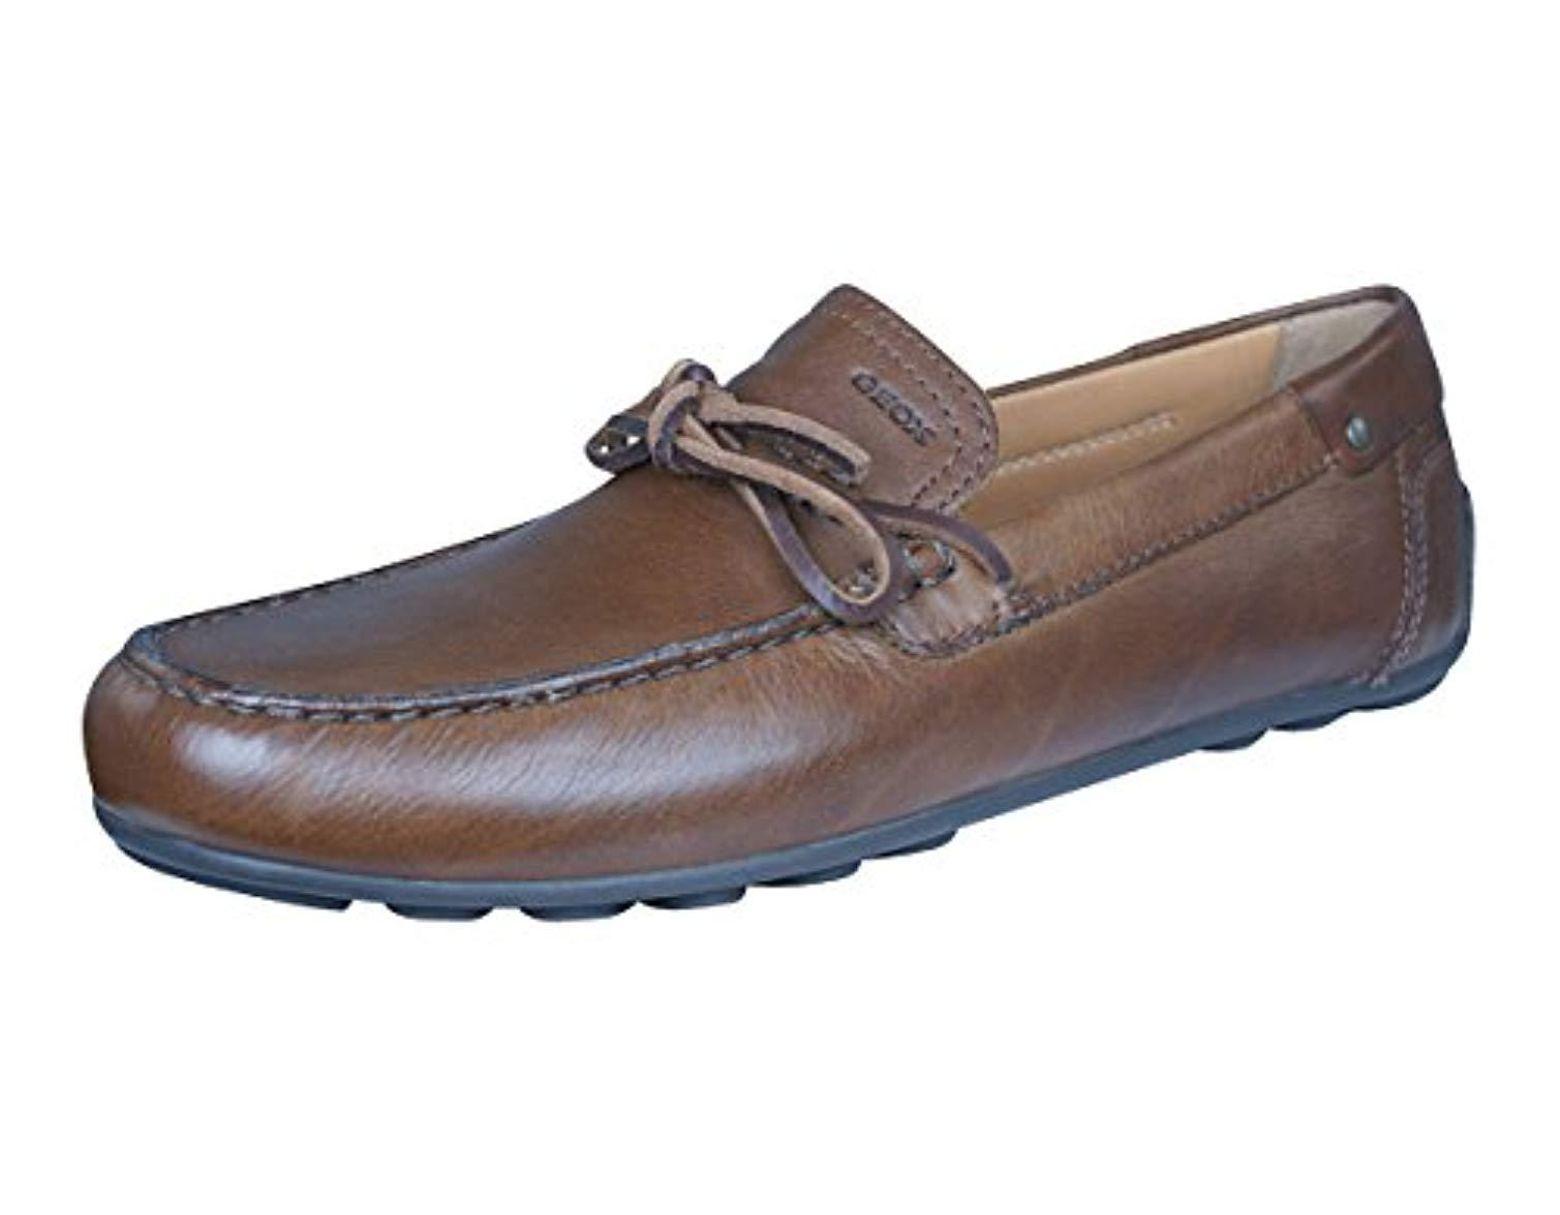 Geox Men/'s u Moner Mocassin Slip on penny Loafer shoes 2Fit A Black Leather